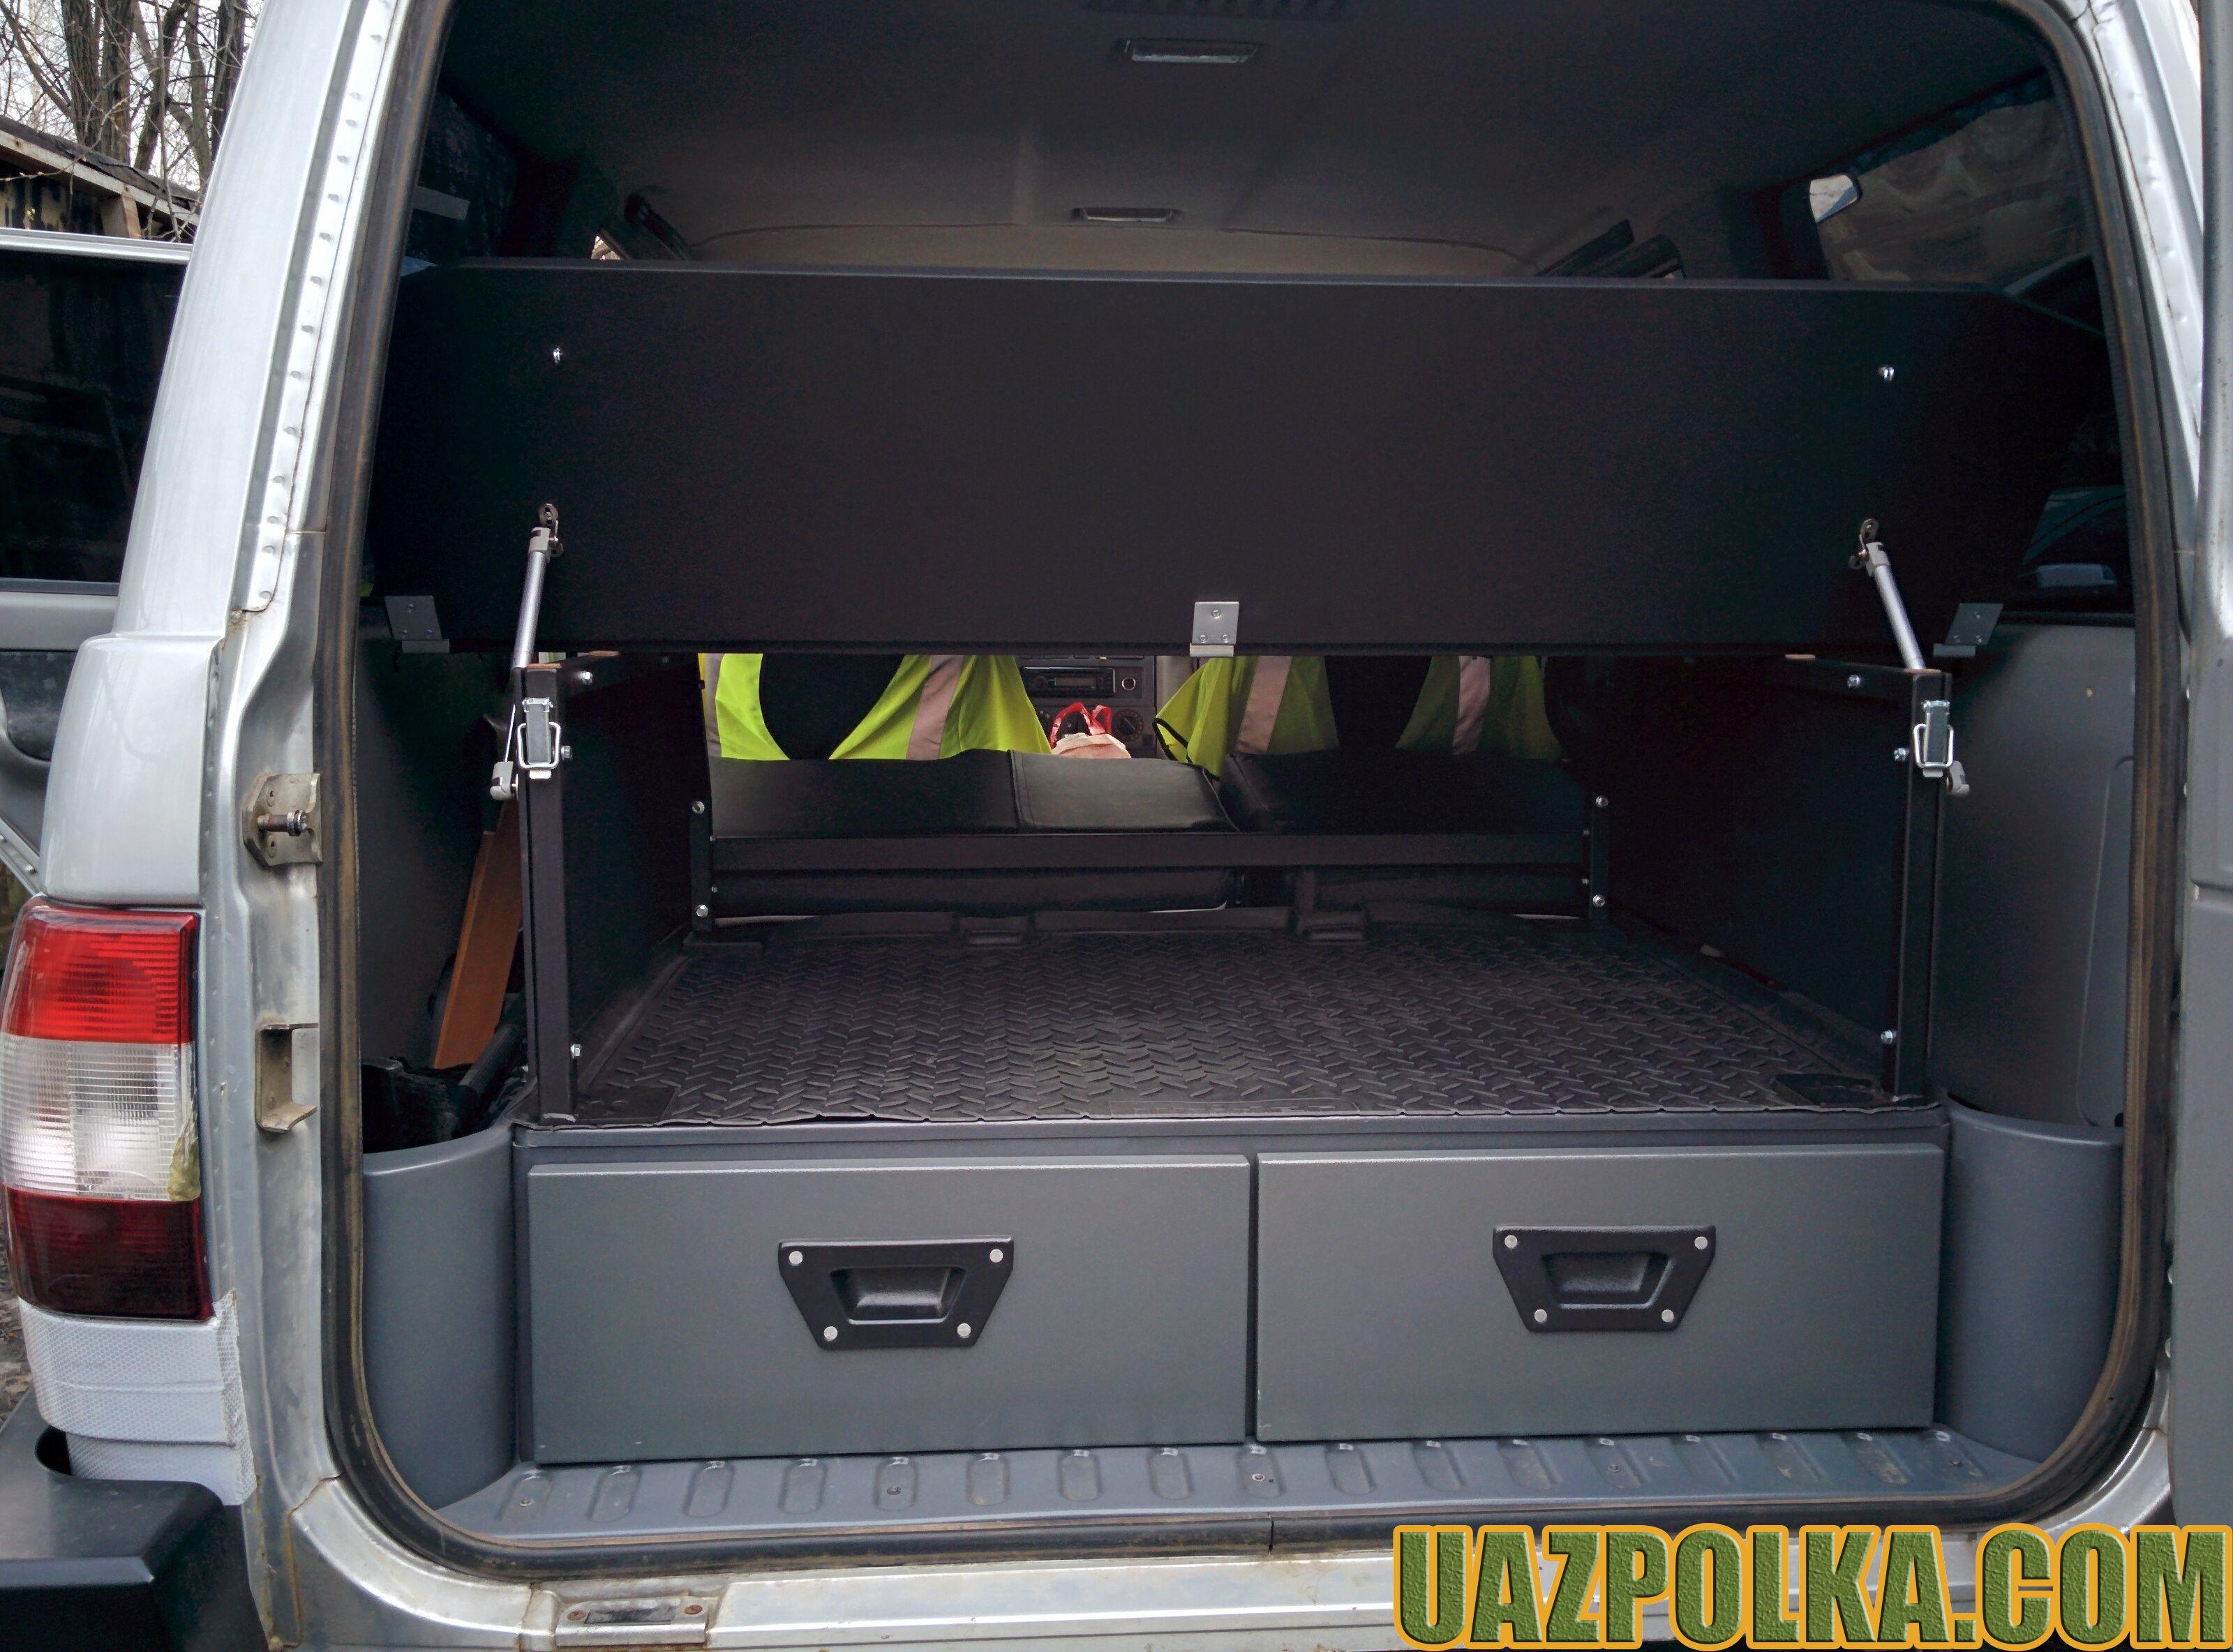 Полка Эконом New с лежанкой на ящиках стороннего производителя_07